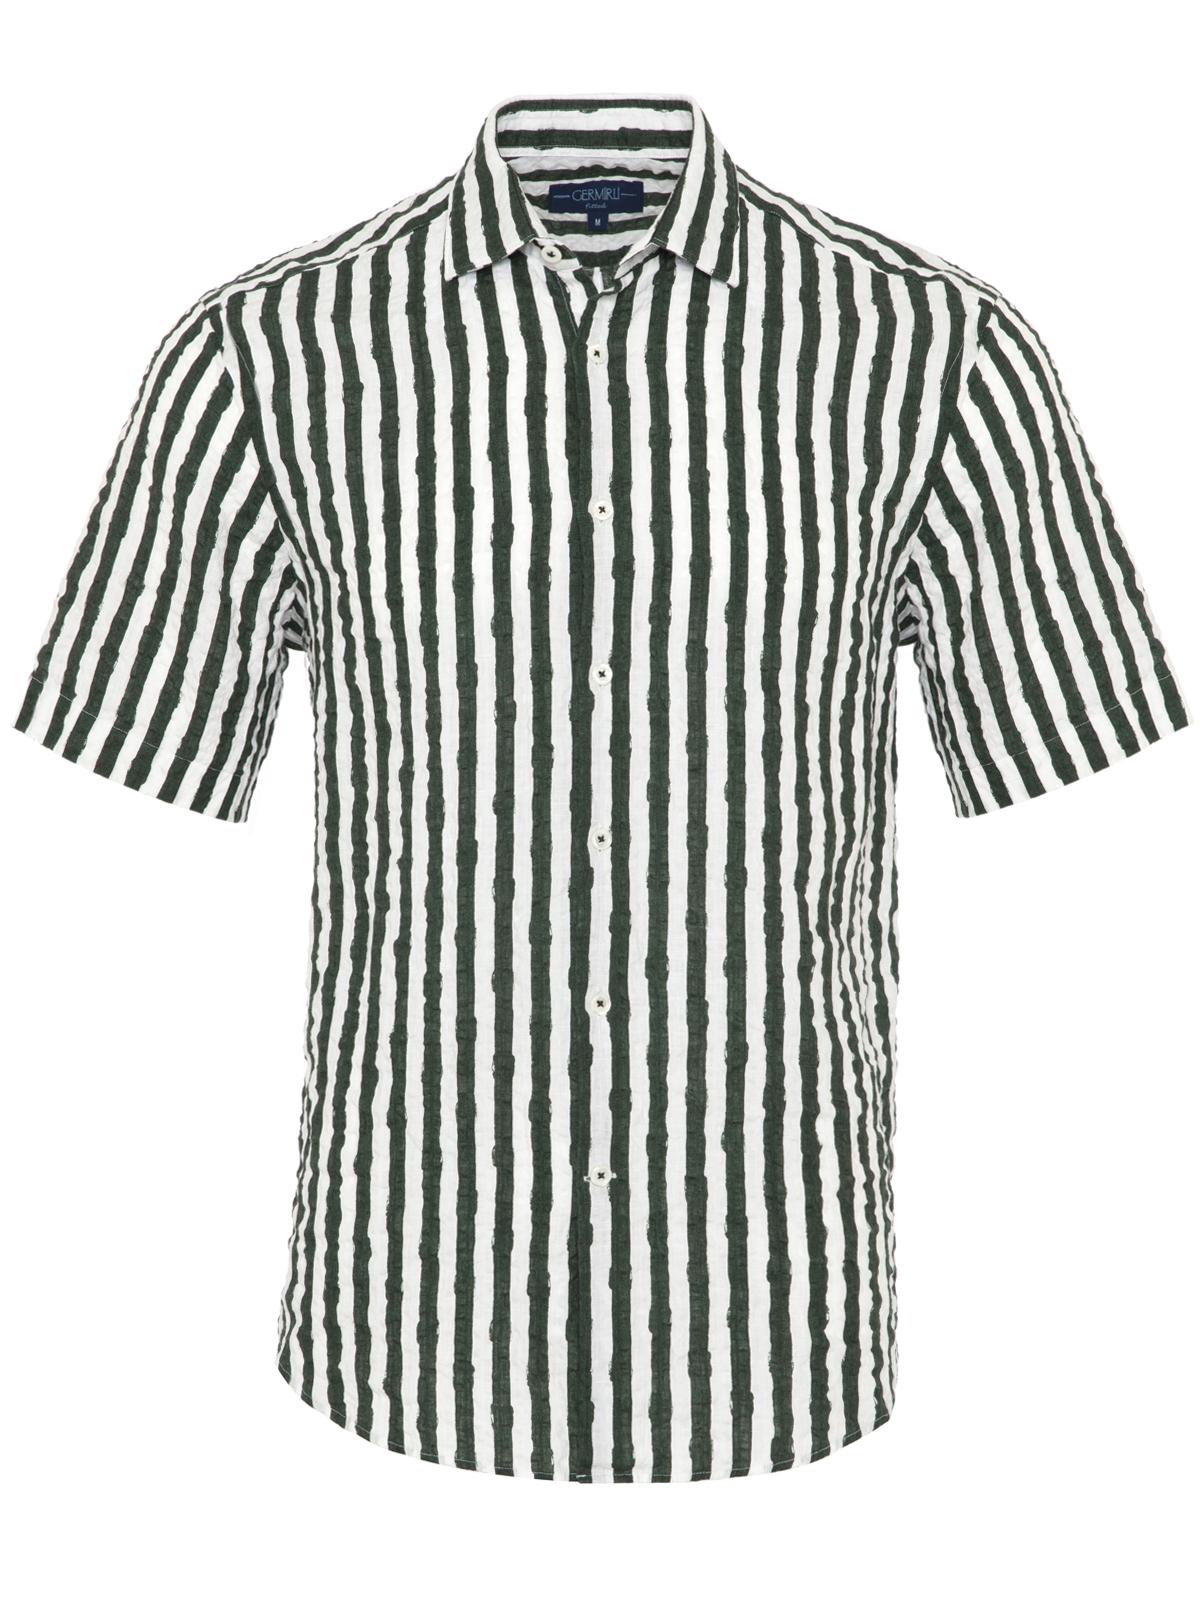 Germirli Yeşil Beyaz Çizgili Seersucker Kısa Kollu Tailor Fit Gömlek